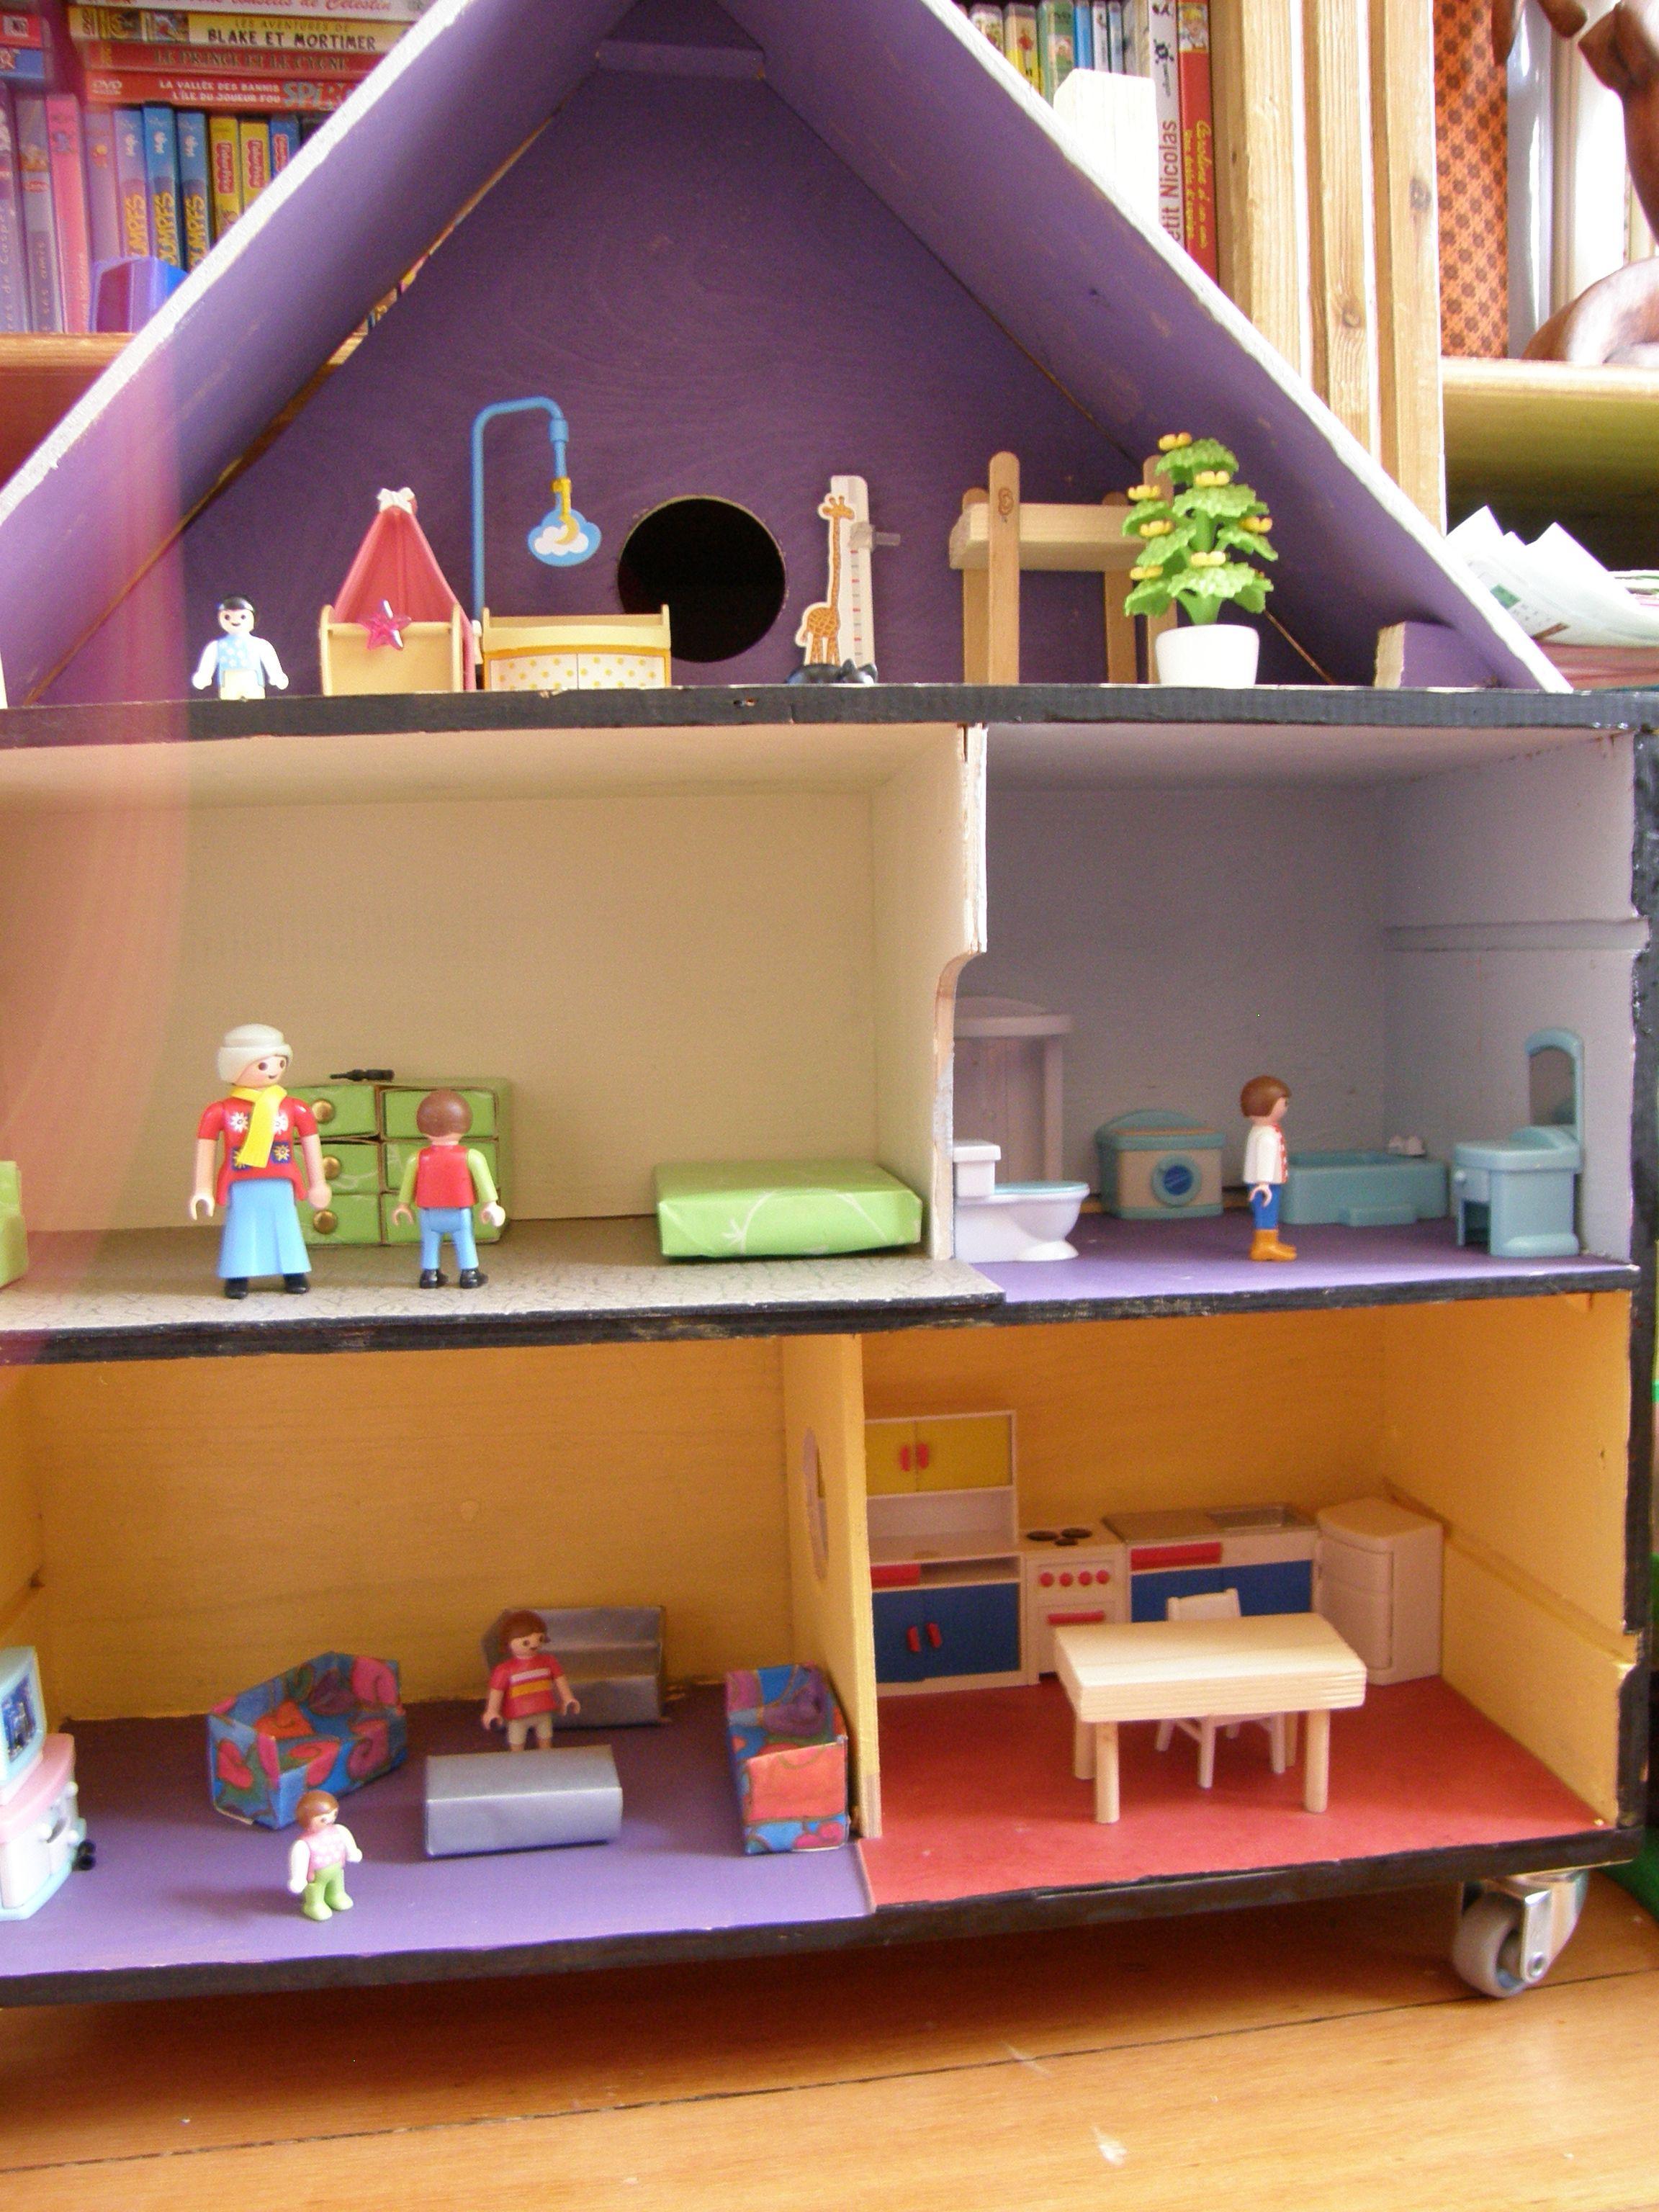 maison playmobil finie et peinte loisirs enfants. Black Bedroom Furniture Sets. Home Design Ideas